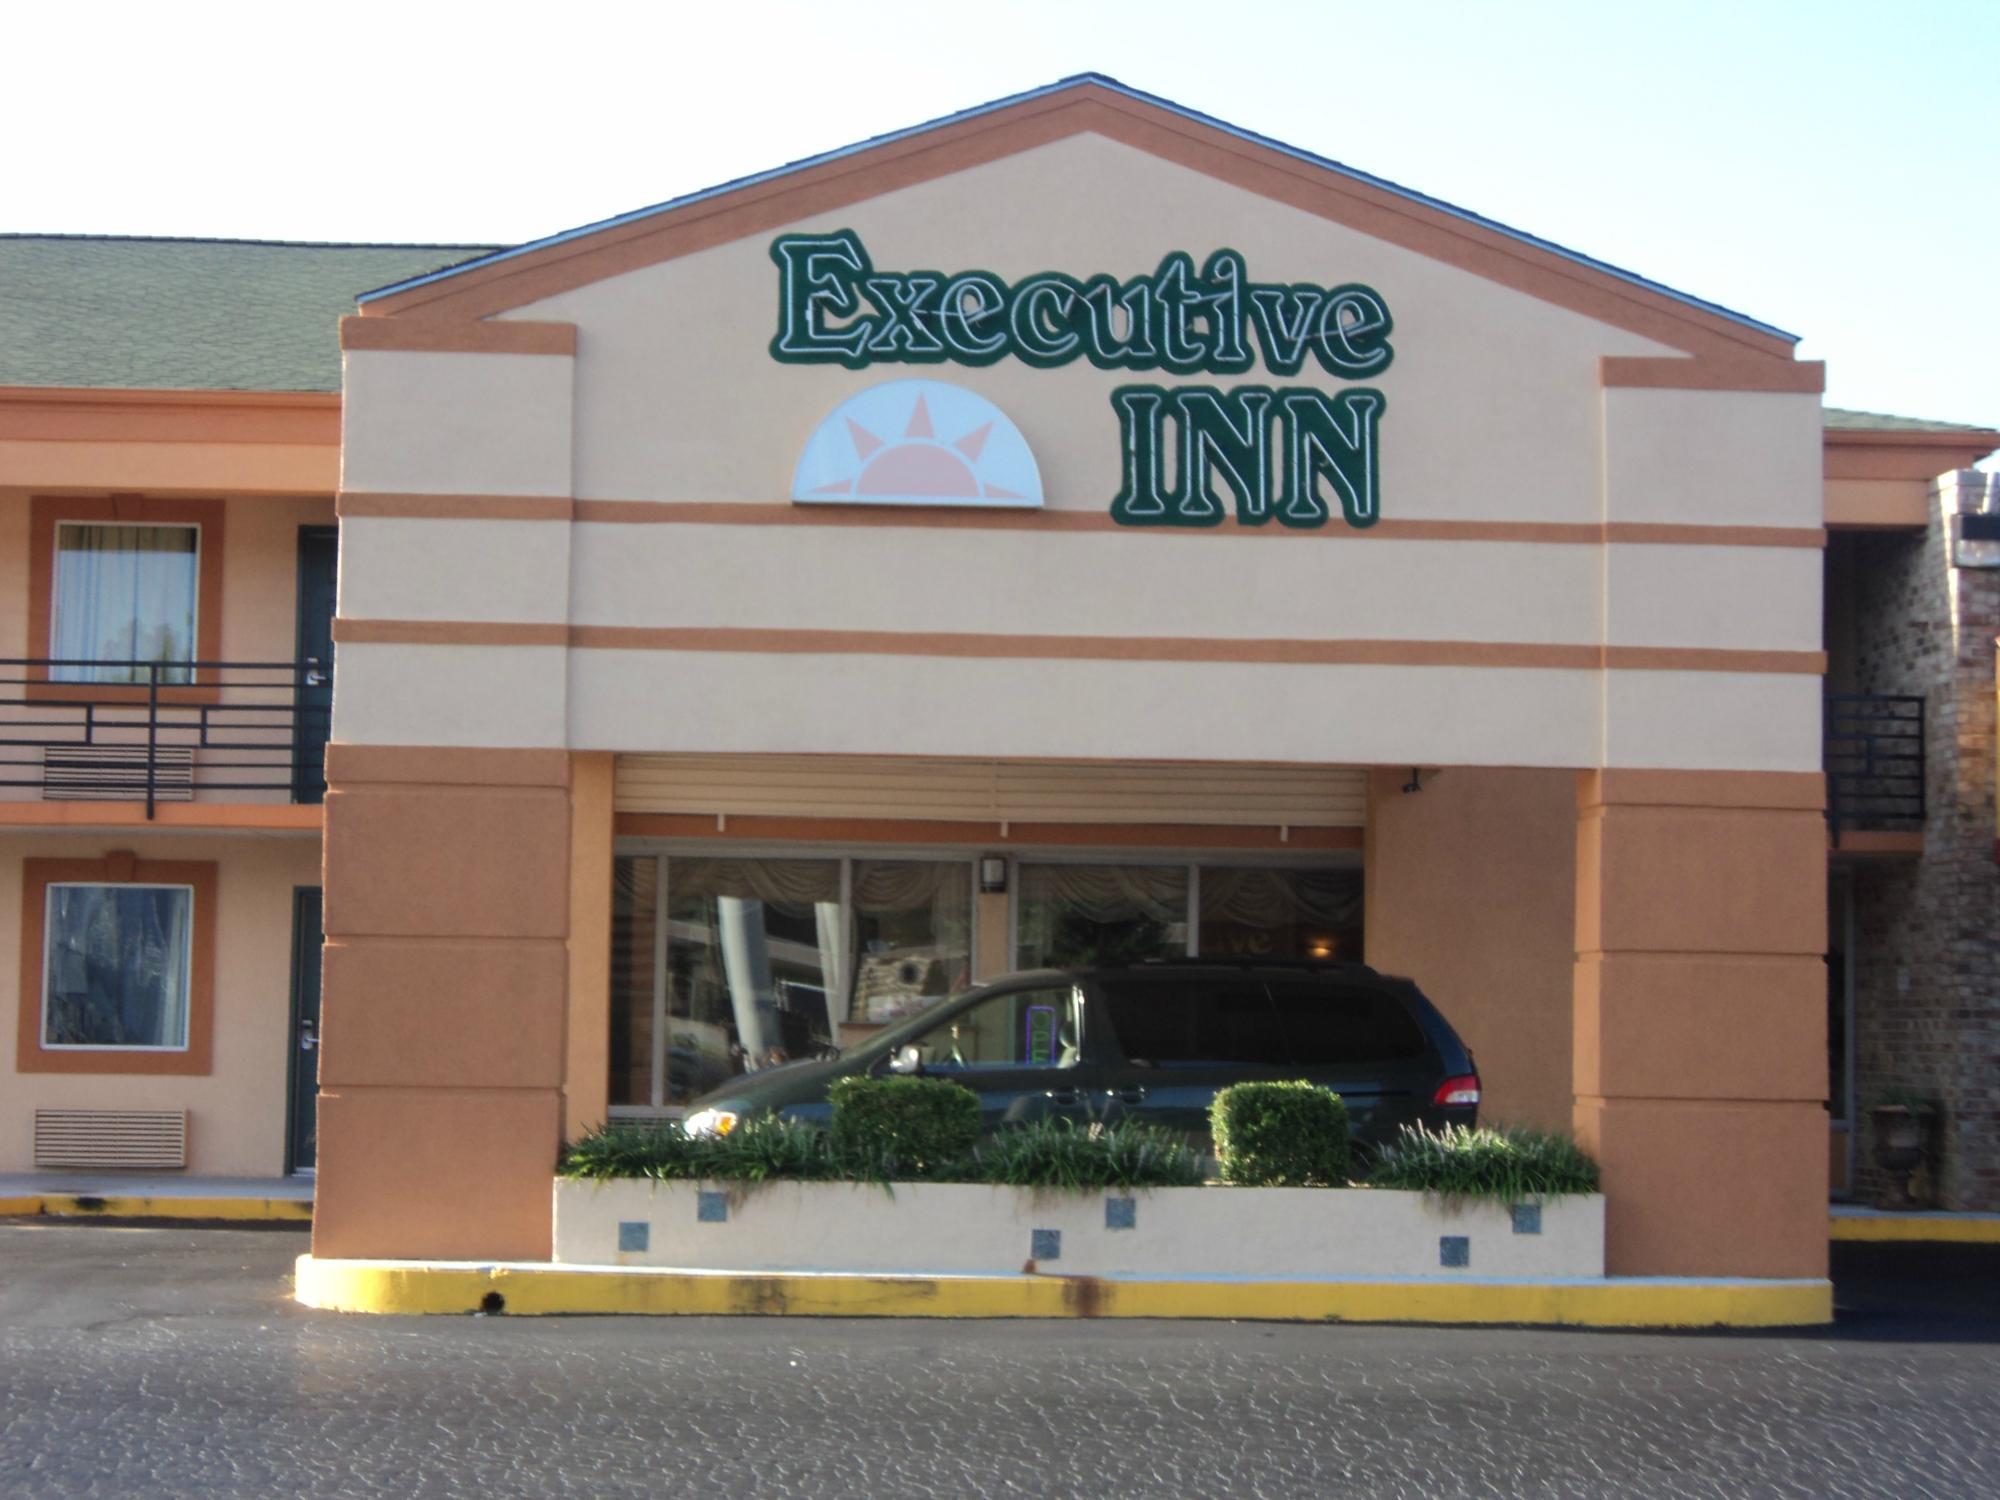 Executive Inn Locust Grove